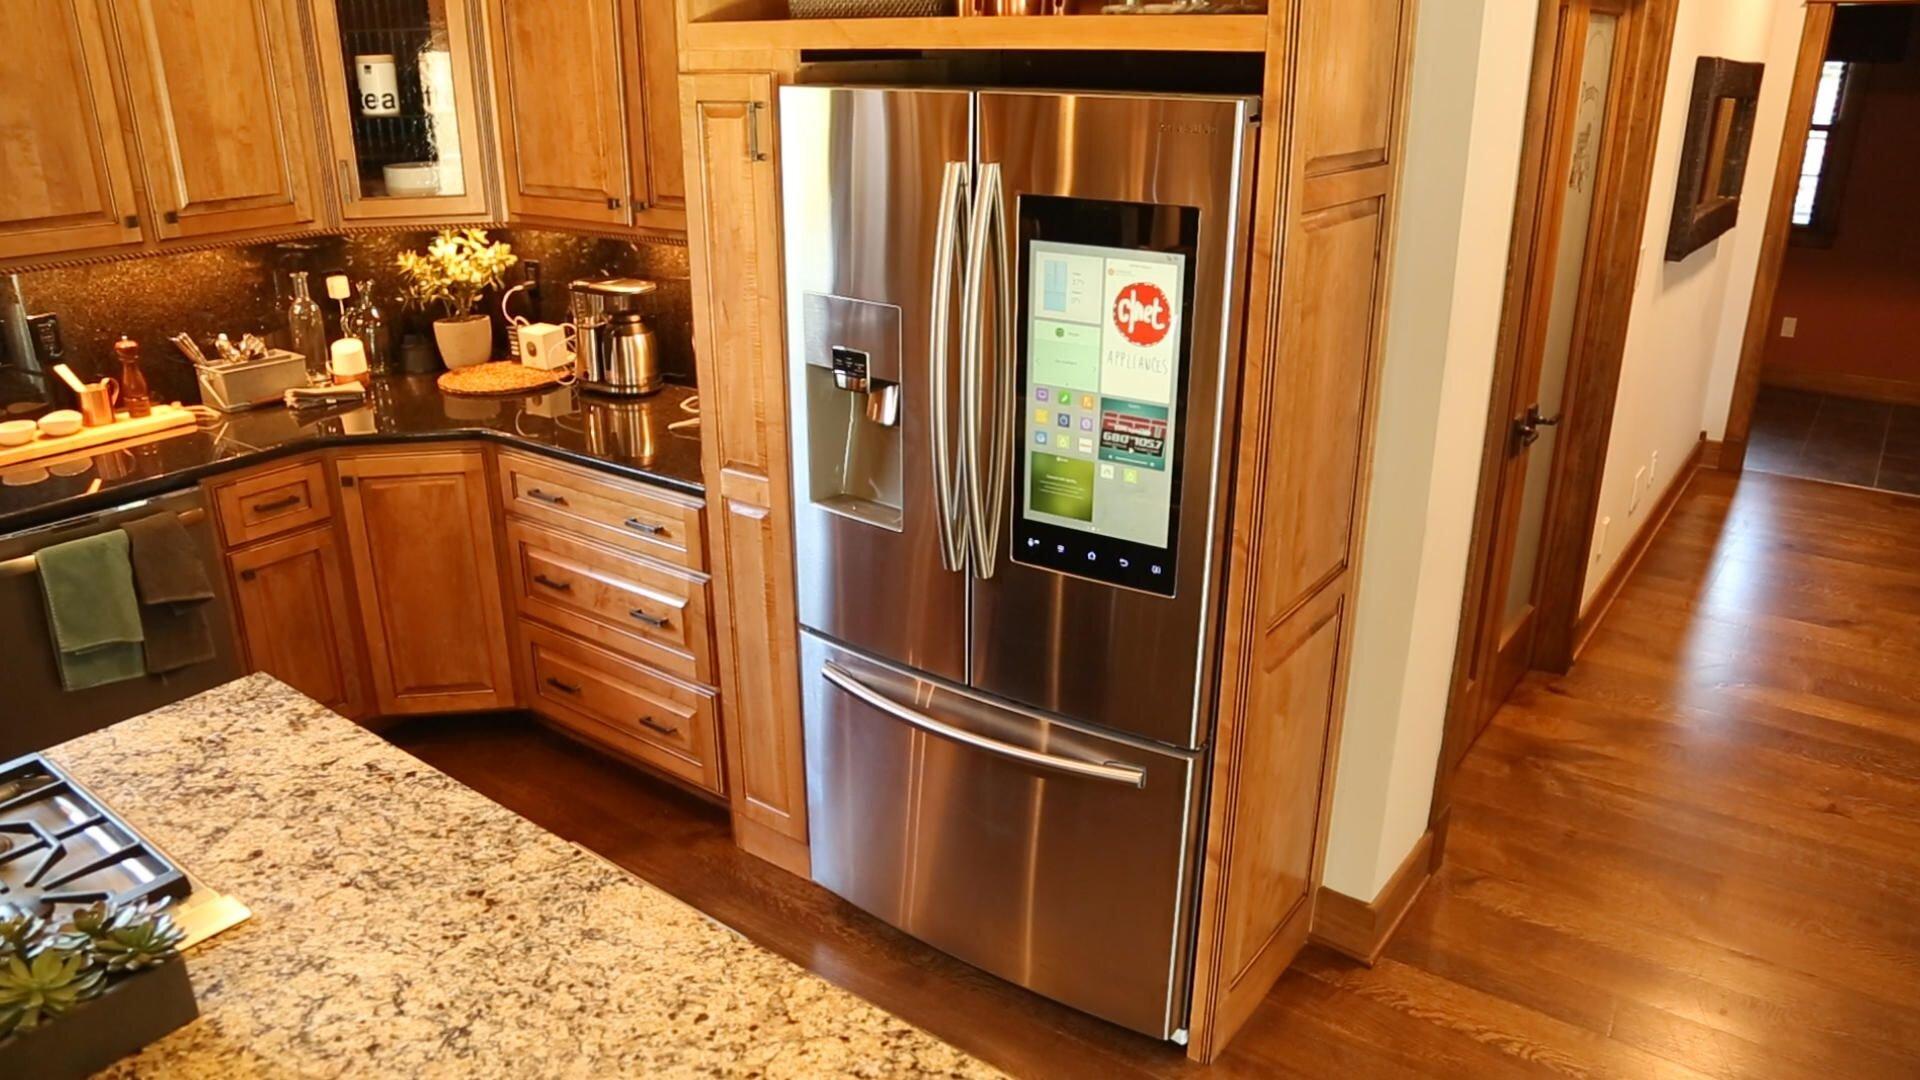 Người dùng chấp nhận mức giá cao hơn với tủ lạnh cao cấp nhập khẩu từ Nhật